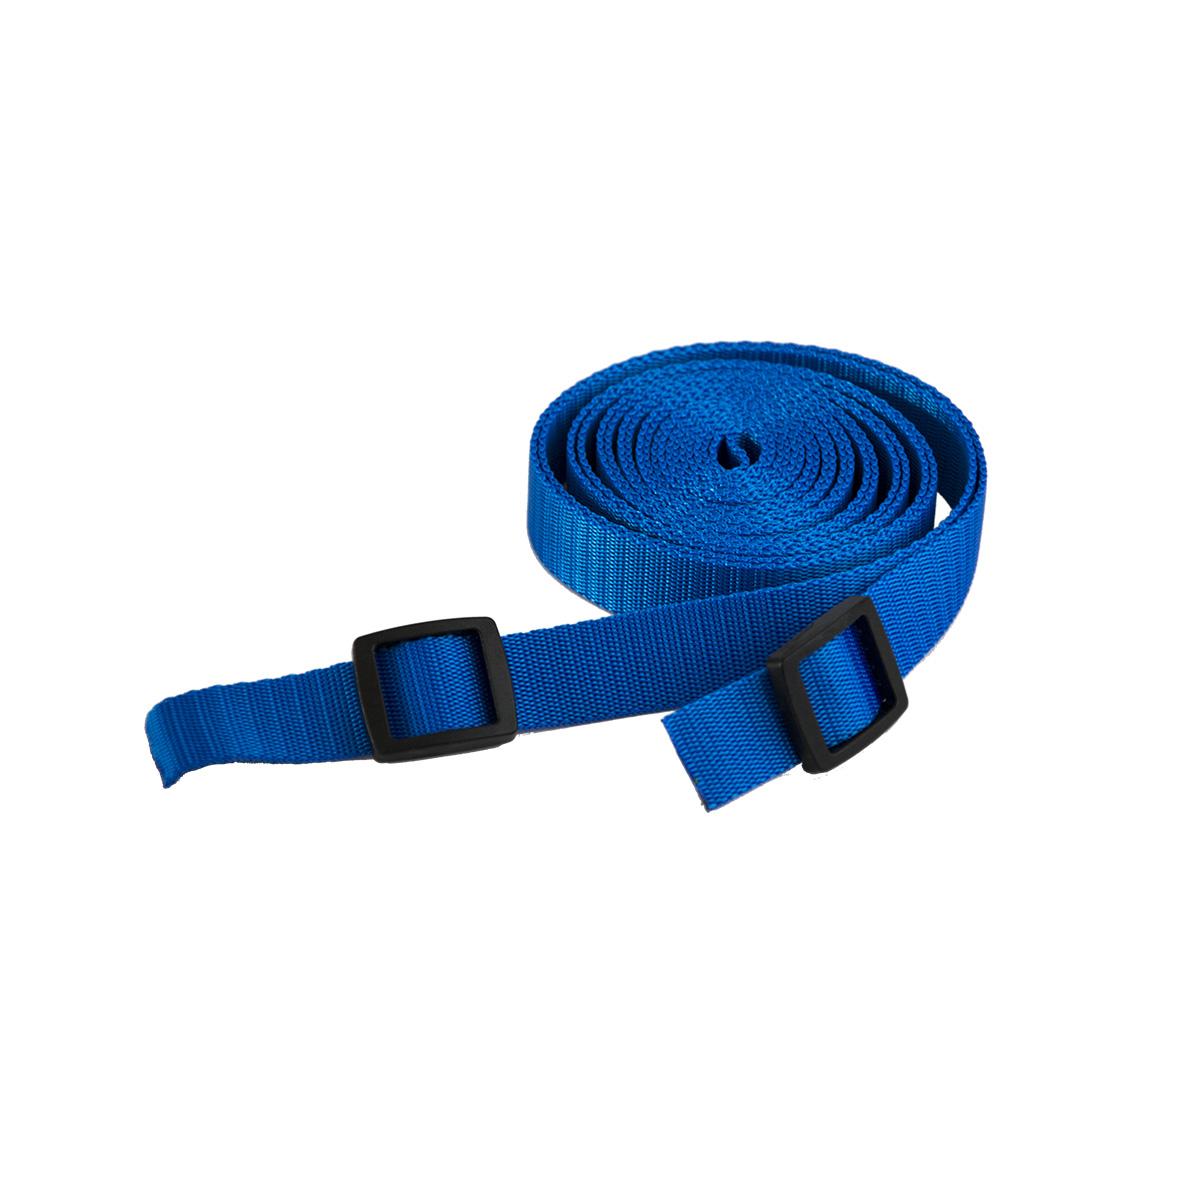 Ťažný popruh na ťahanie saní a bodov - 3 metre - modrý